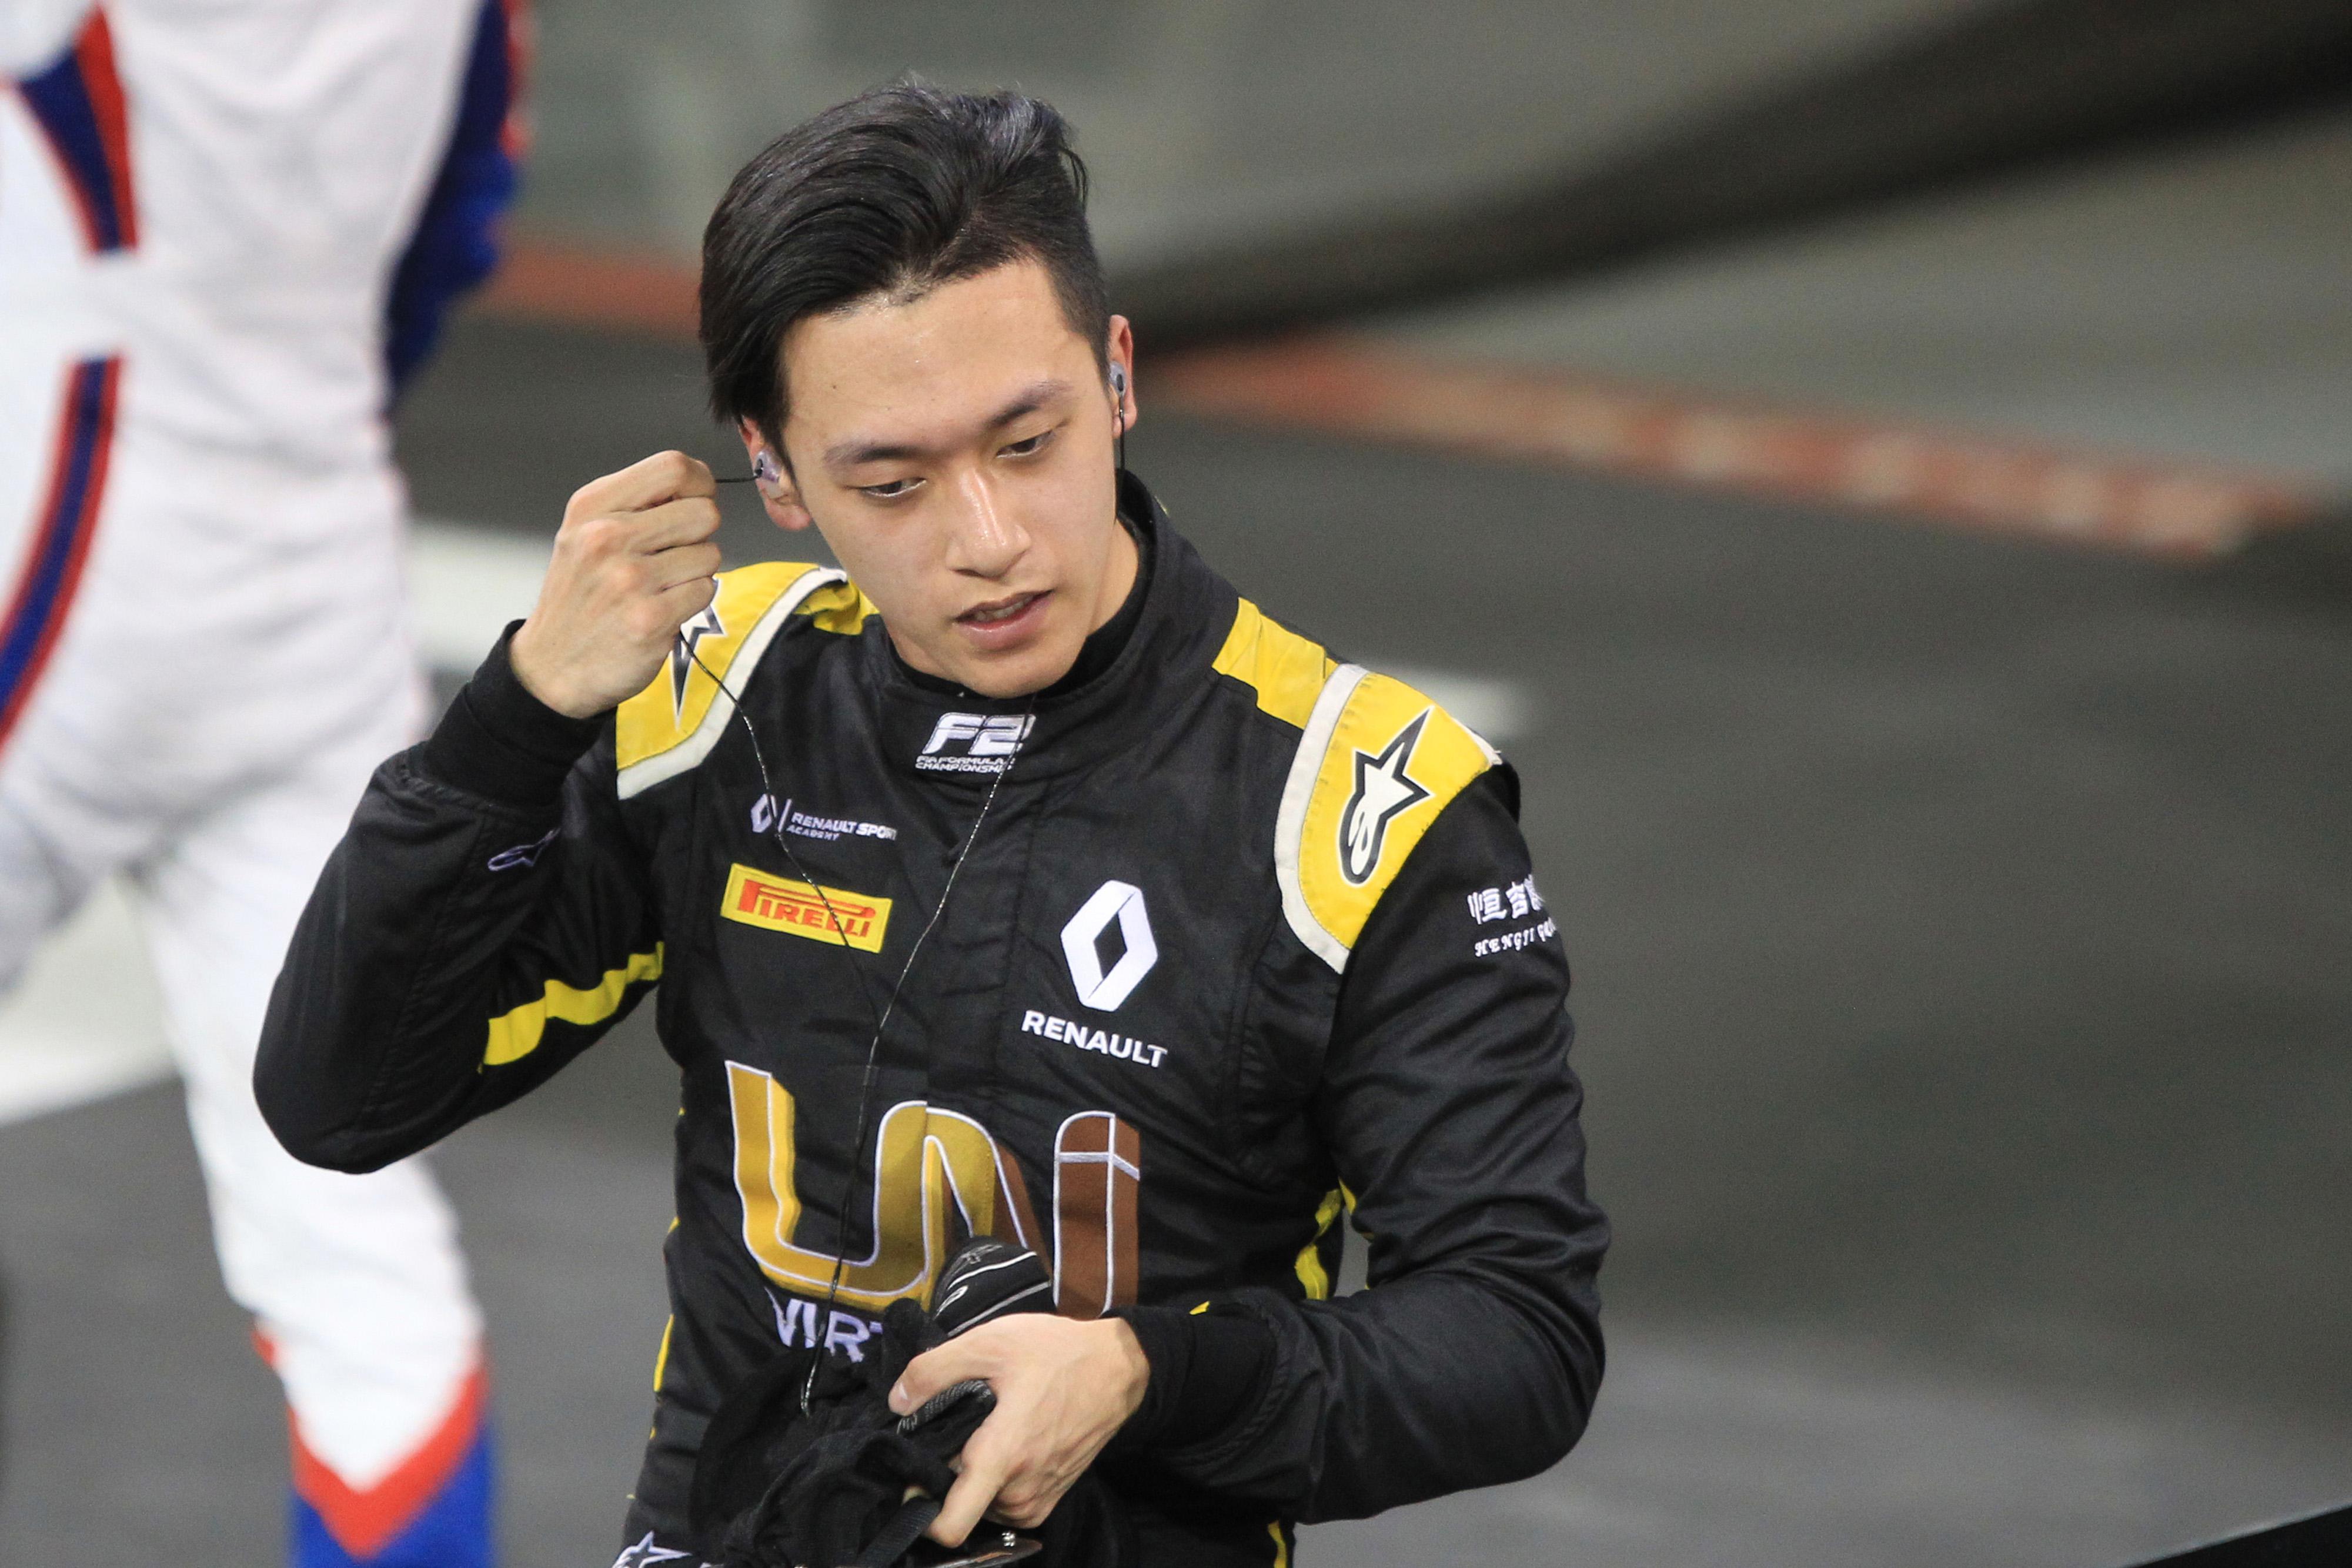 F1 Formula 1 Renault Guanyu Zhou Formula 2